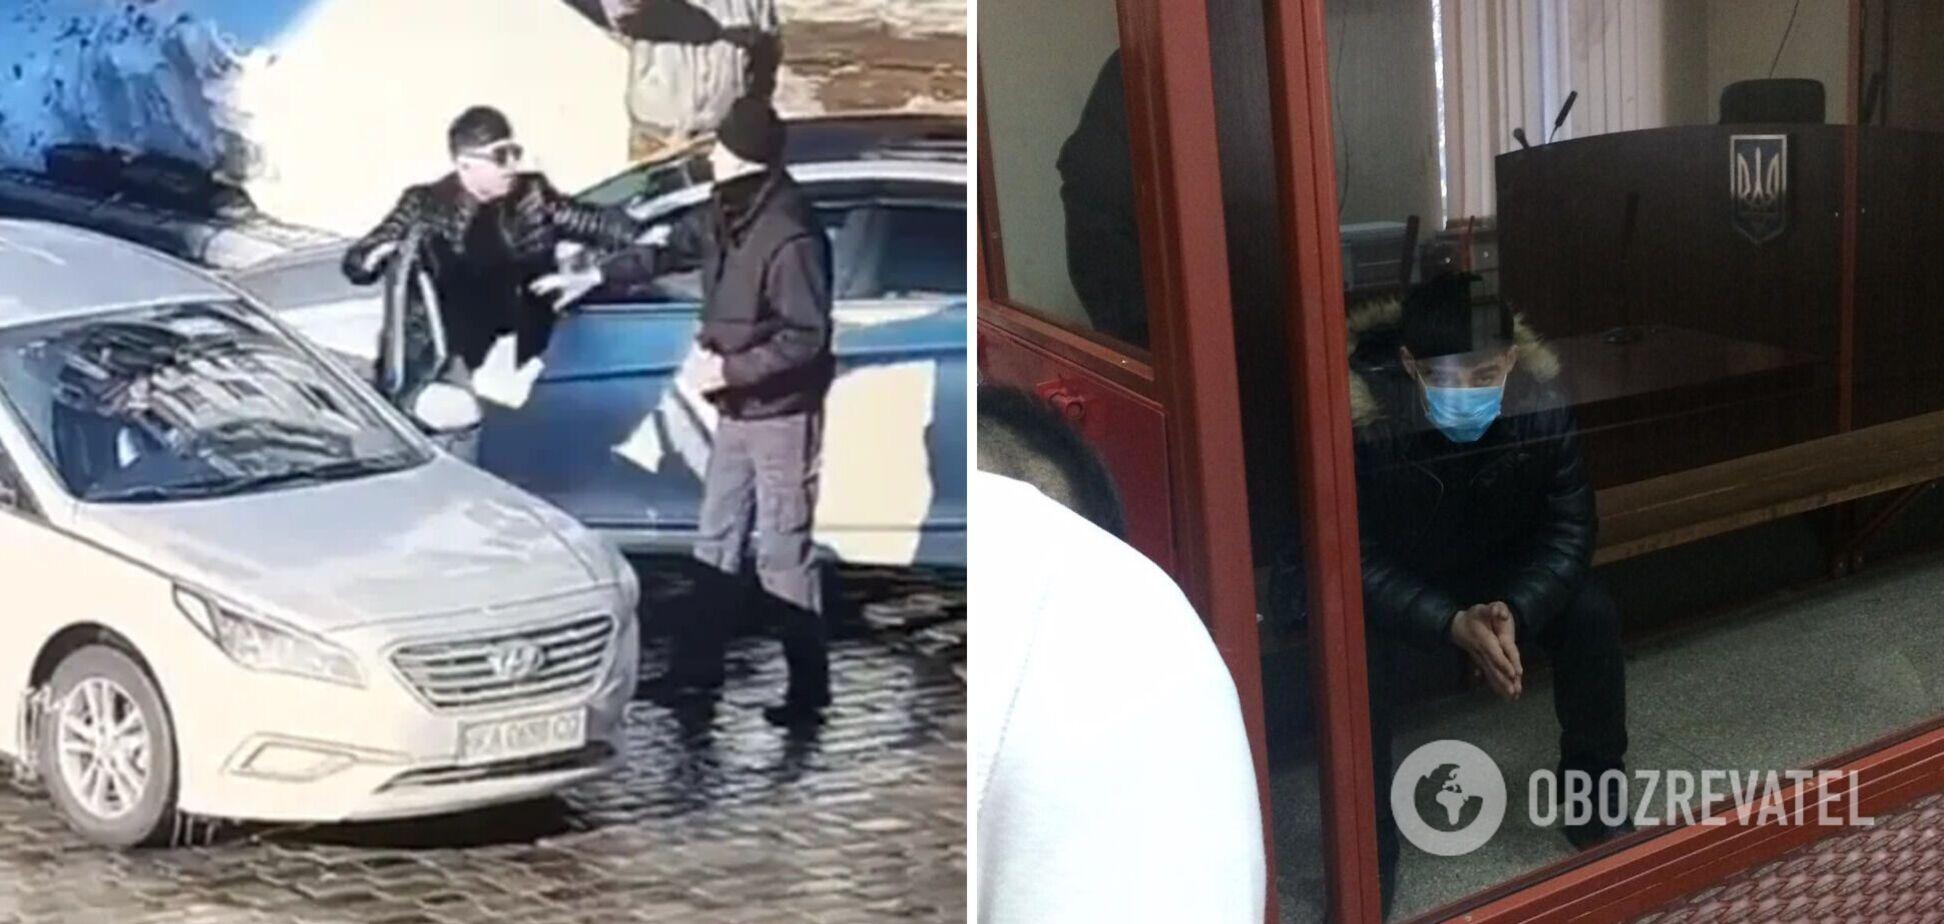 Чоловік працював у службі таксі Bolt